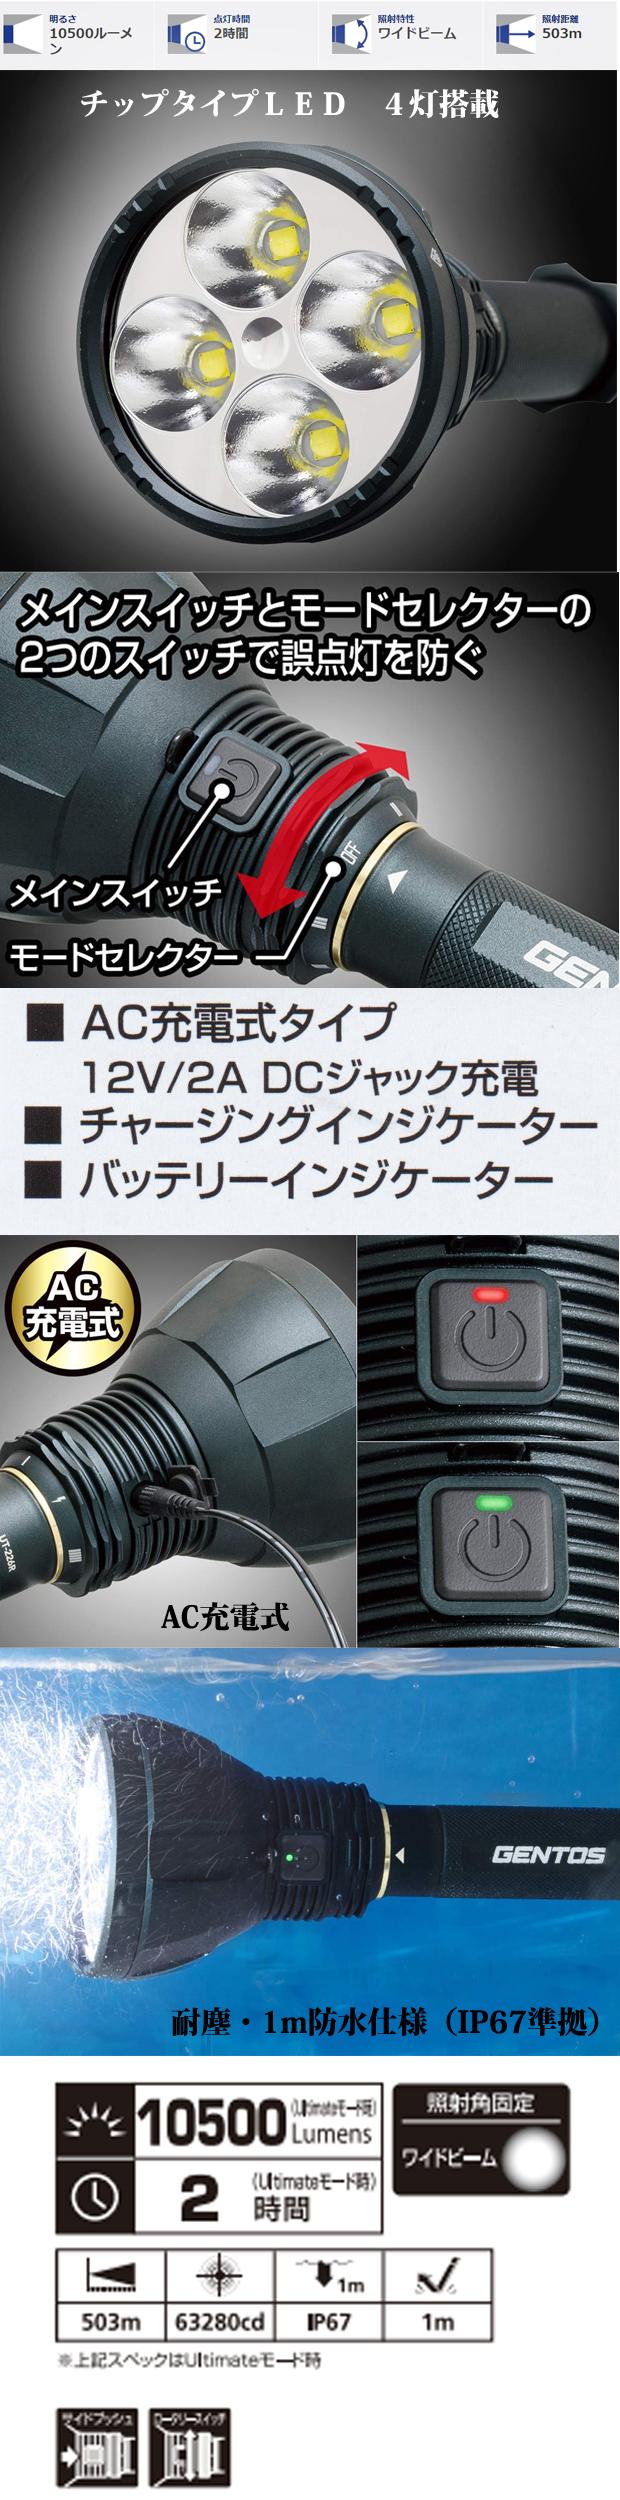 GENTOS ハイパワーLEDフラッシュライトUT-226R